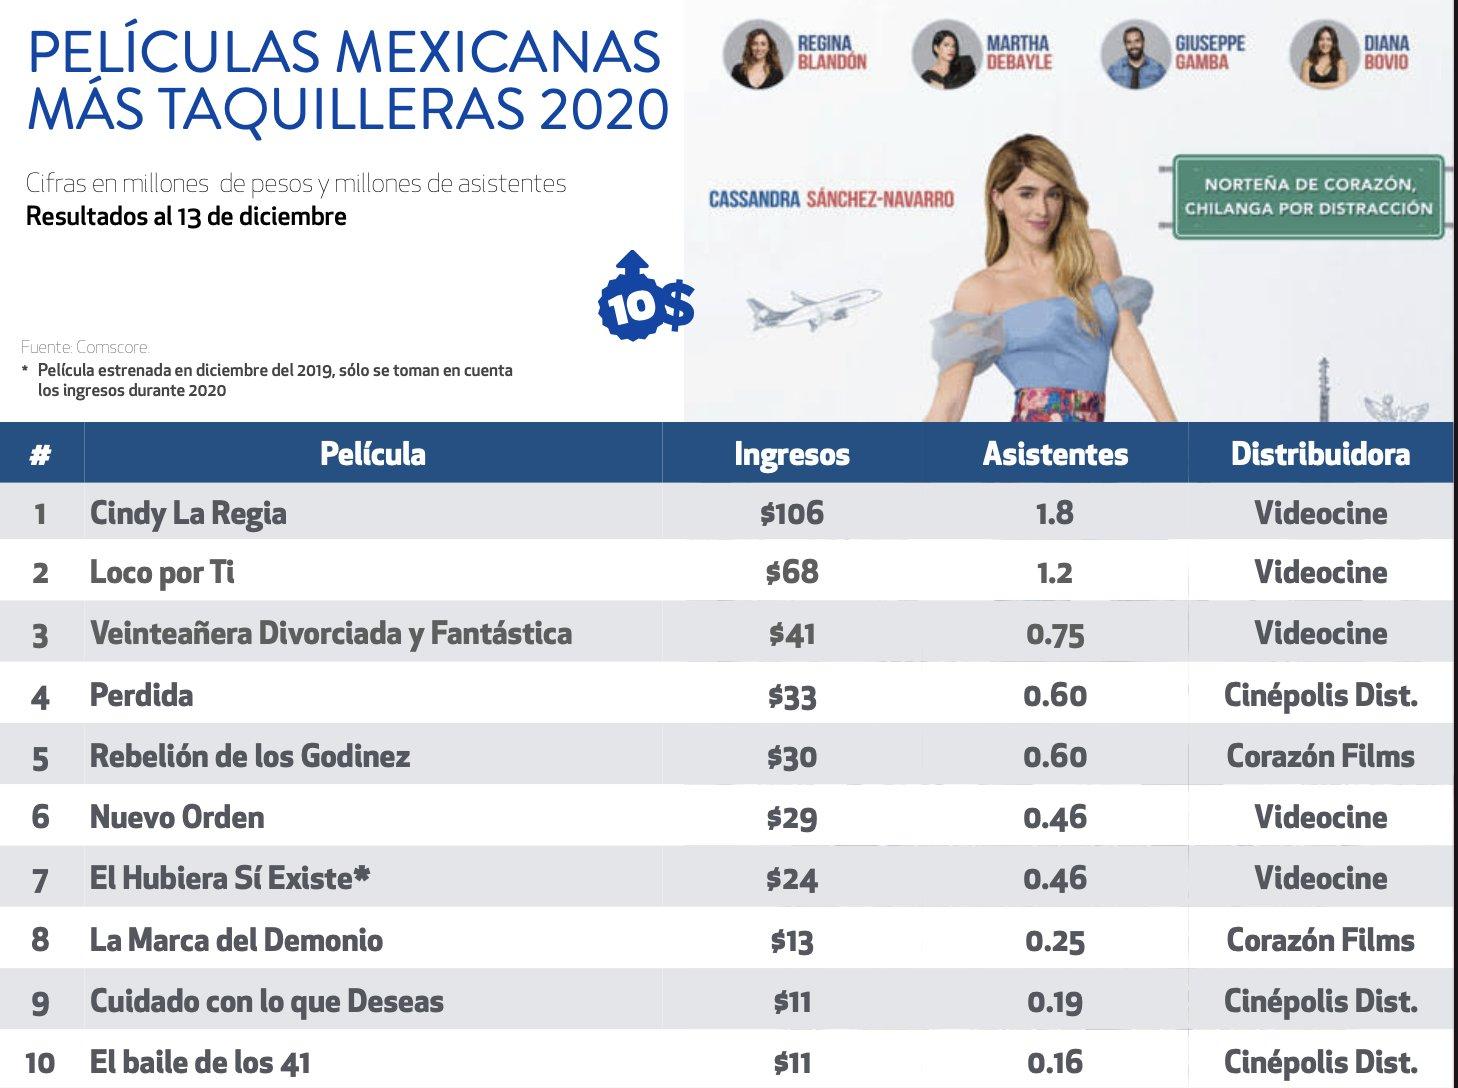 peliculas mexicanas mas taquilleras 2020